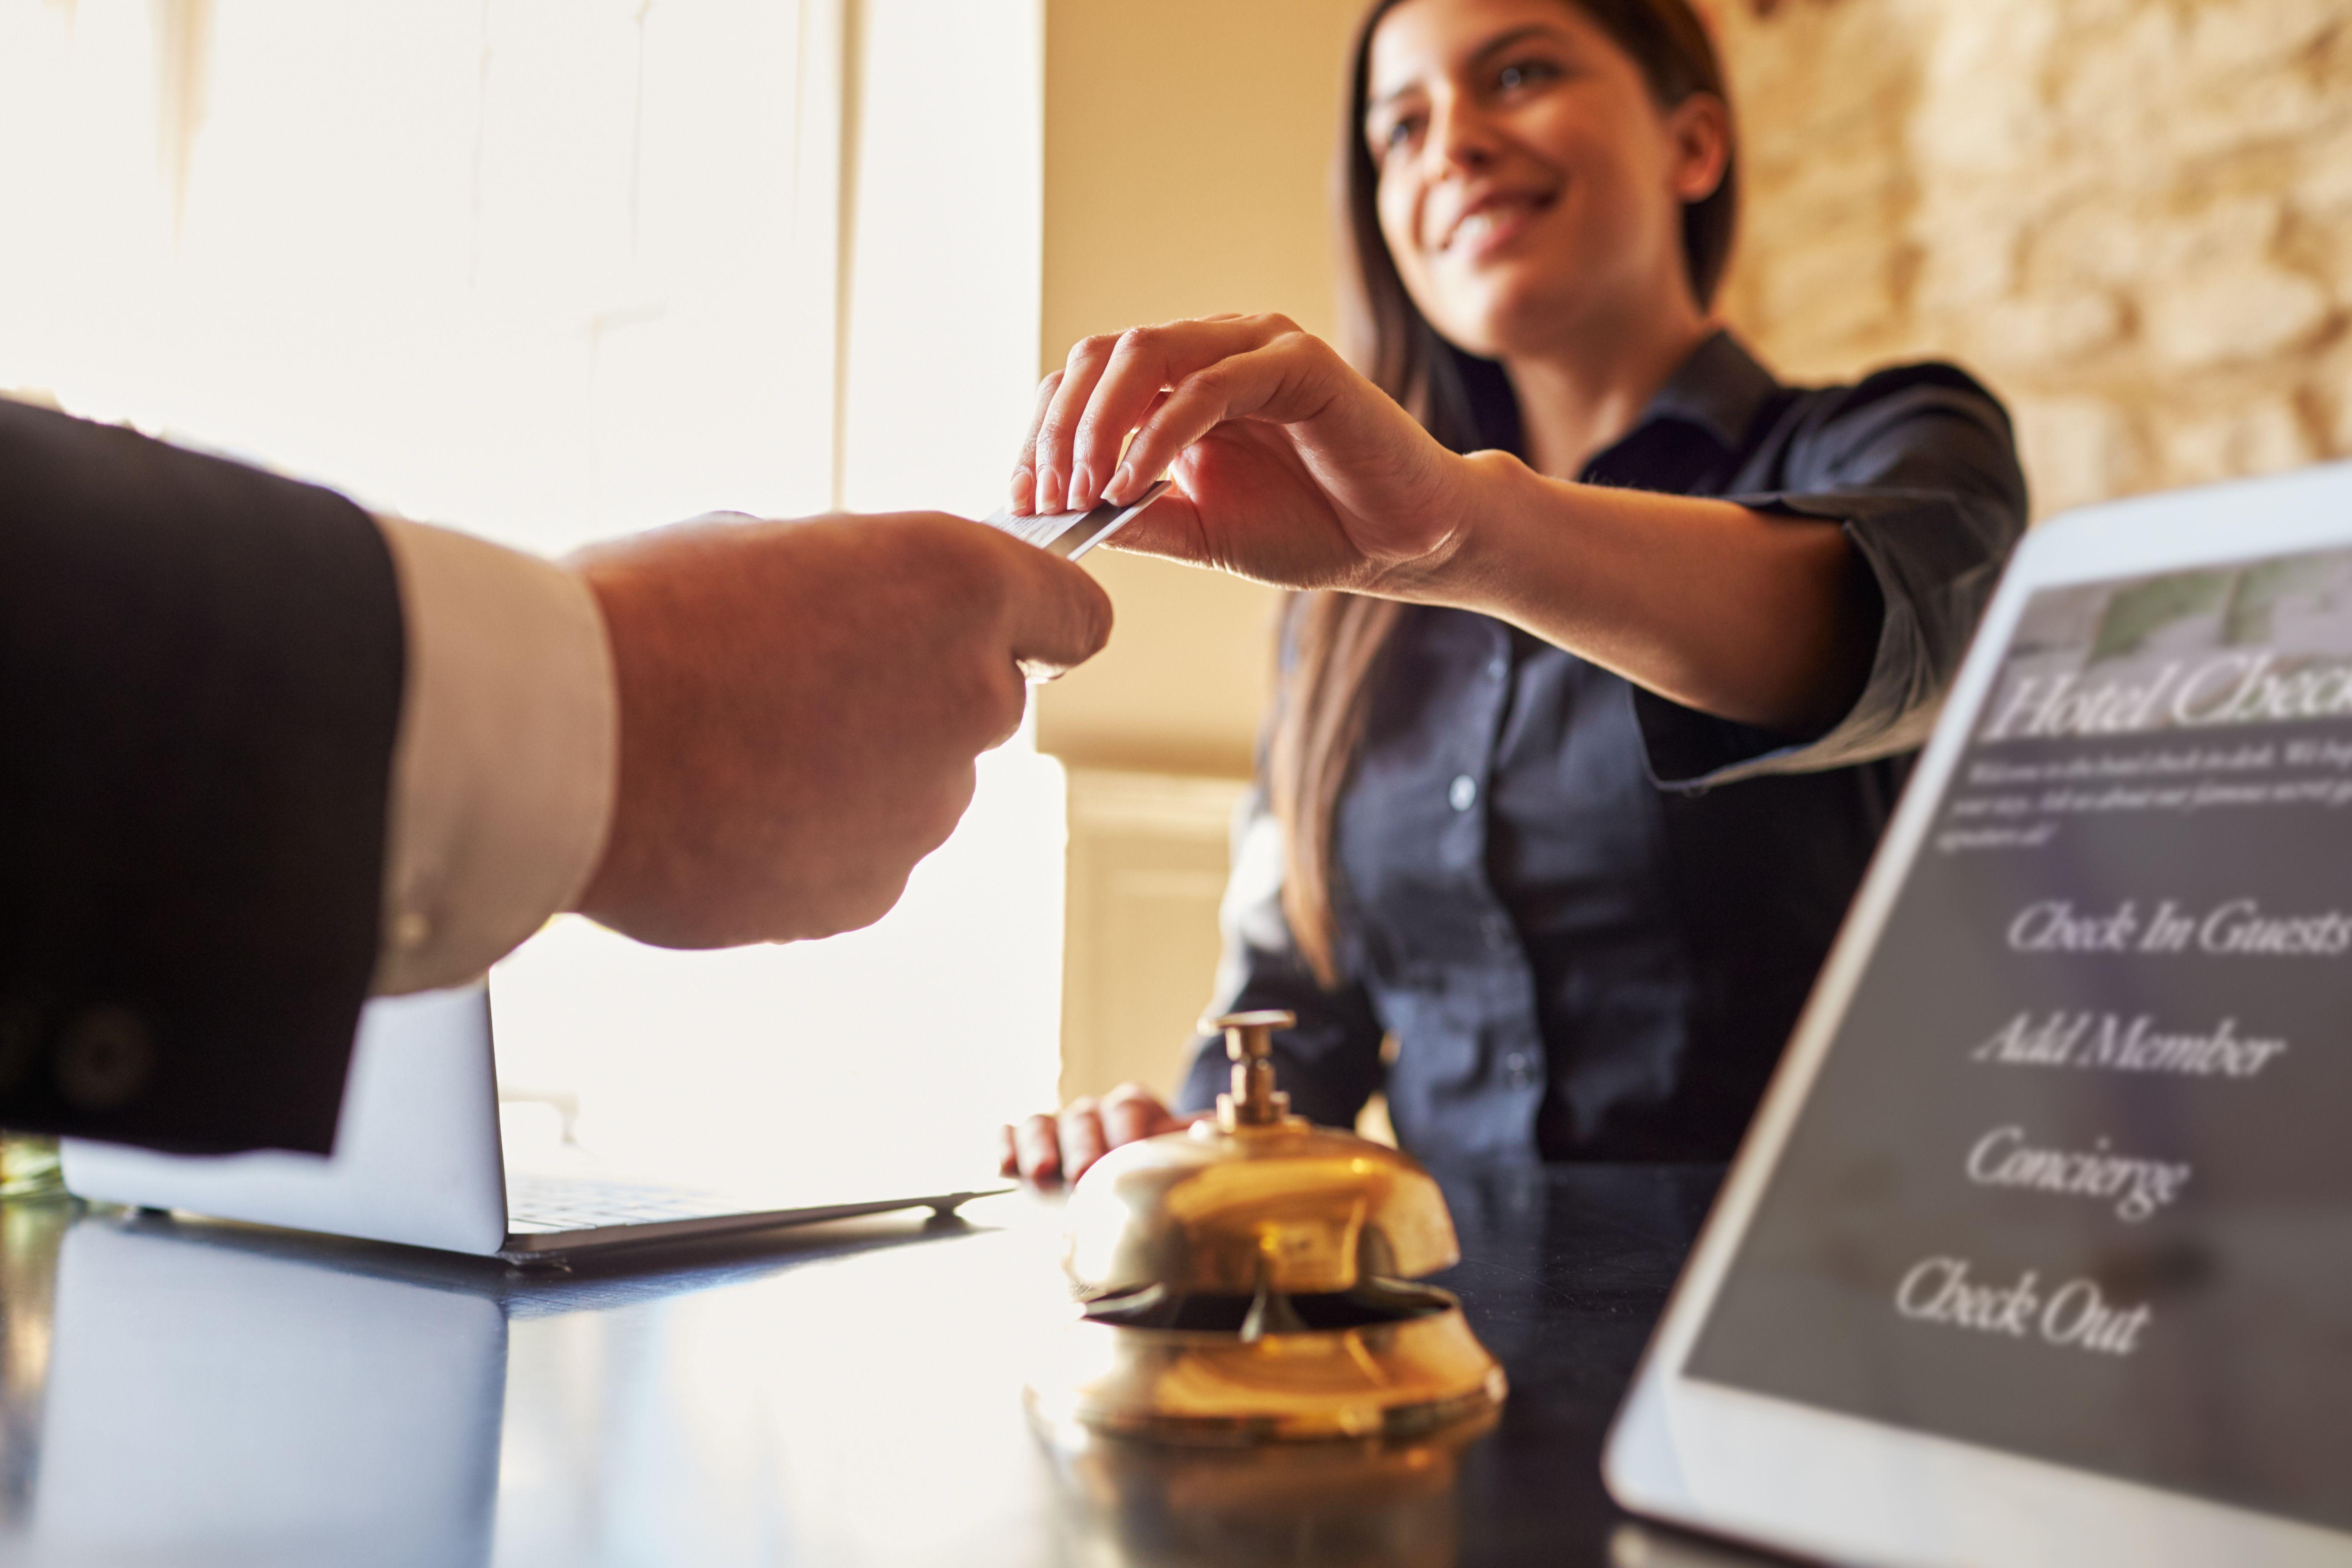 Przebranżowienia są coraz częściej spotykane wśród pracowników branż, które pandemia koronawirusa dotknęła najbardziej (fot. Shutterstock)